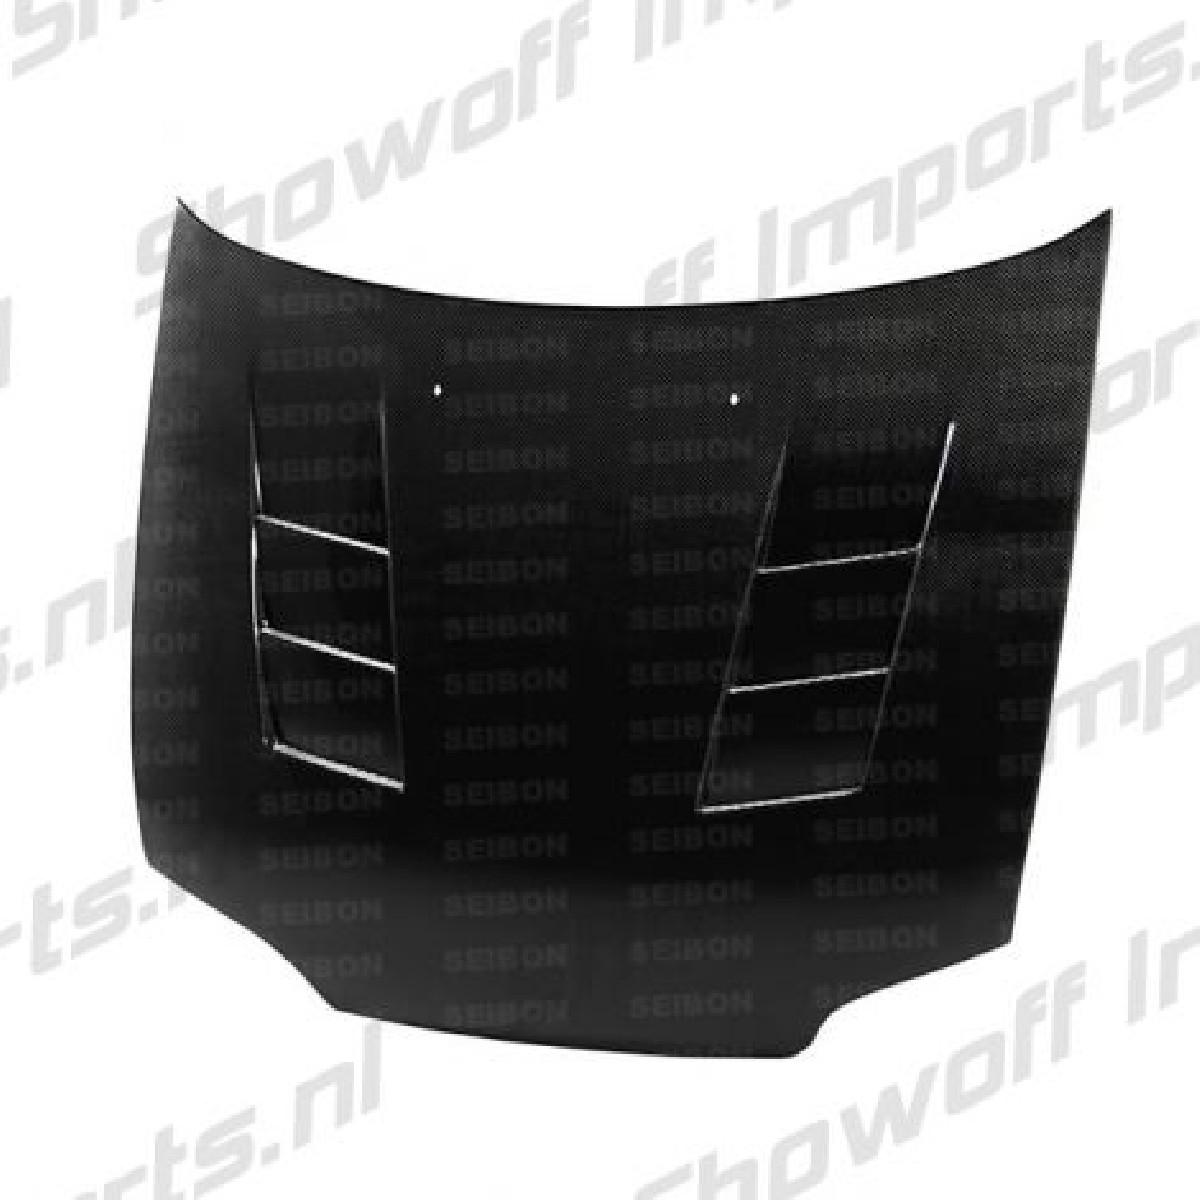 Honda Civic 2/3D 92-95 Seibon TS Carbon Hood